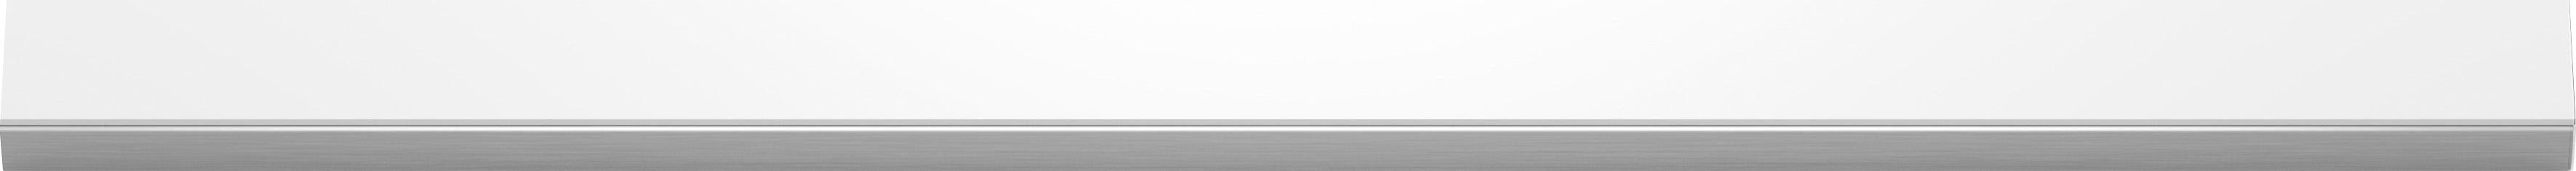 Siemens Griffleiste LZ46520, Weiss